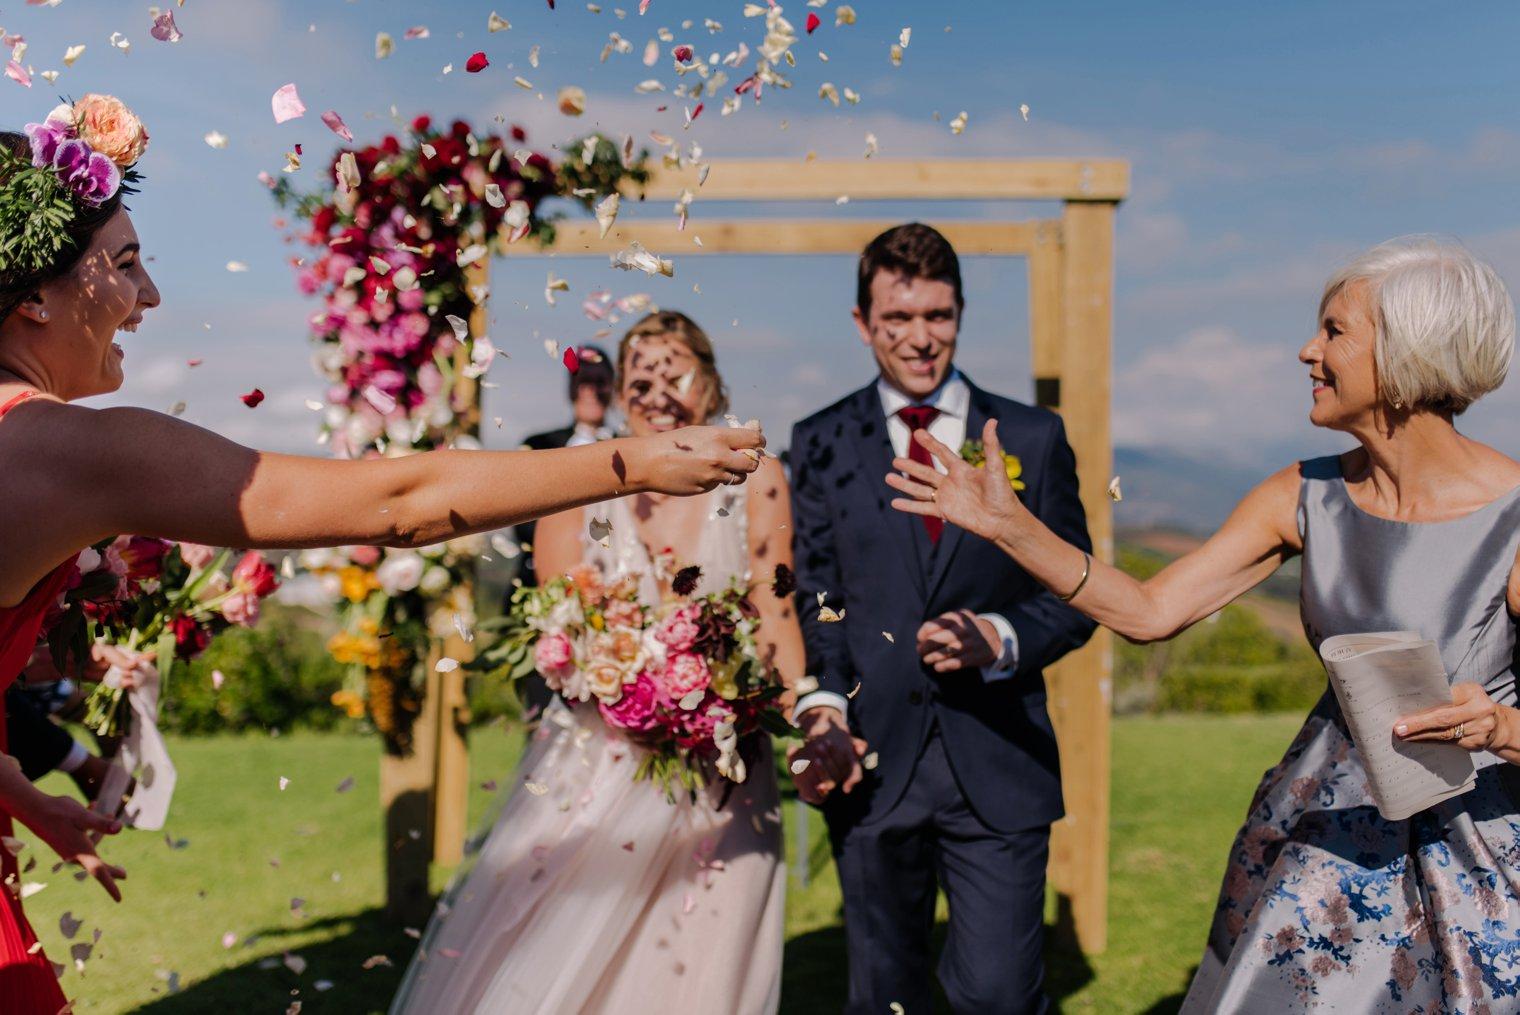 wedding ceremony at landtscap wedding venue in stellenbosch